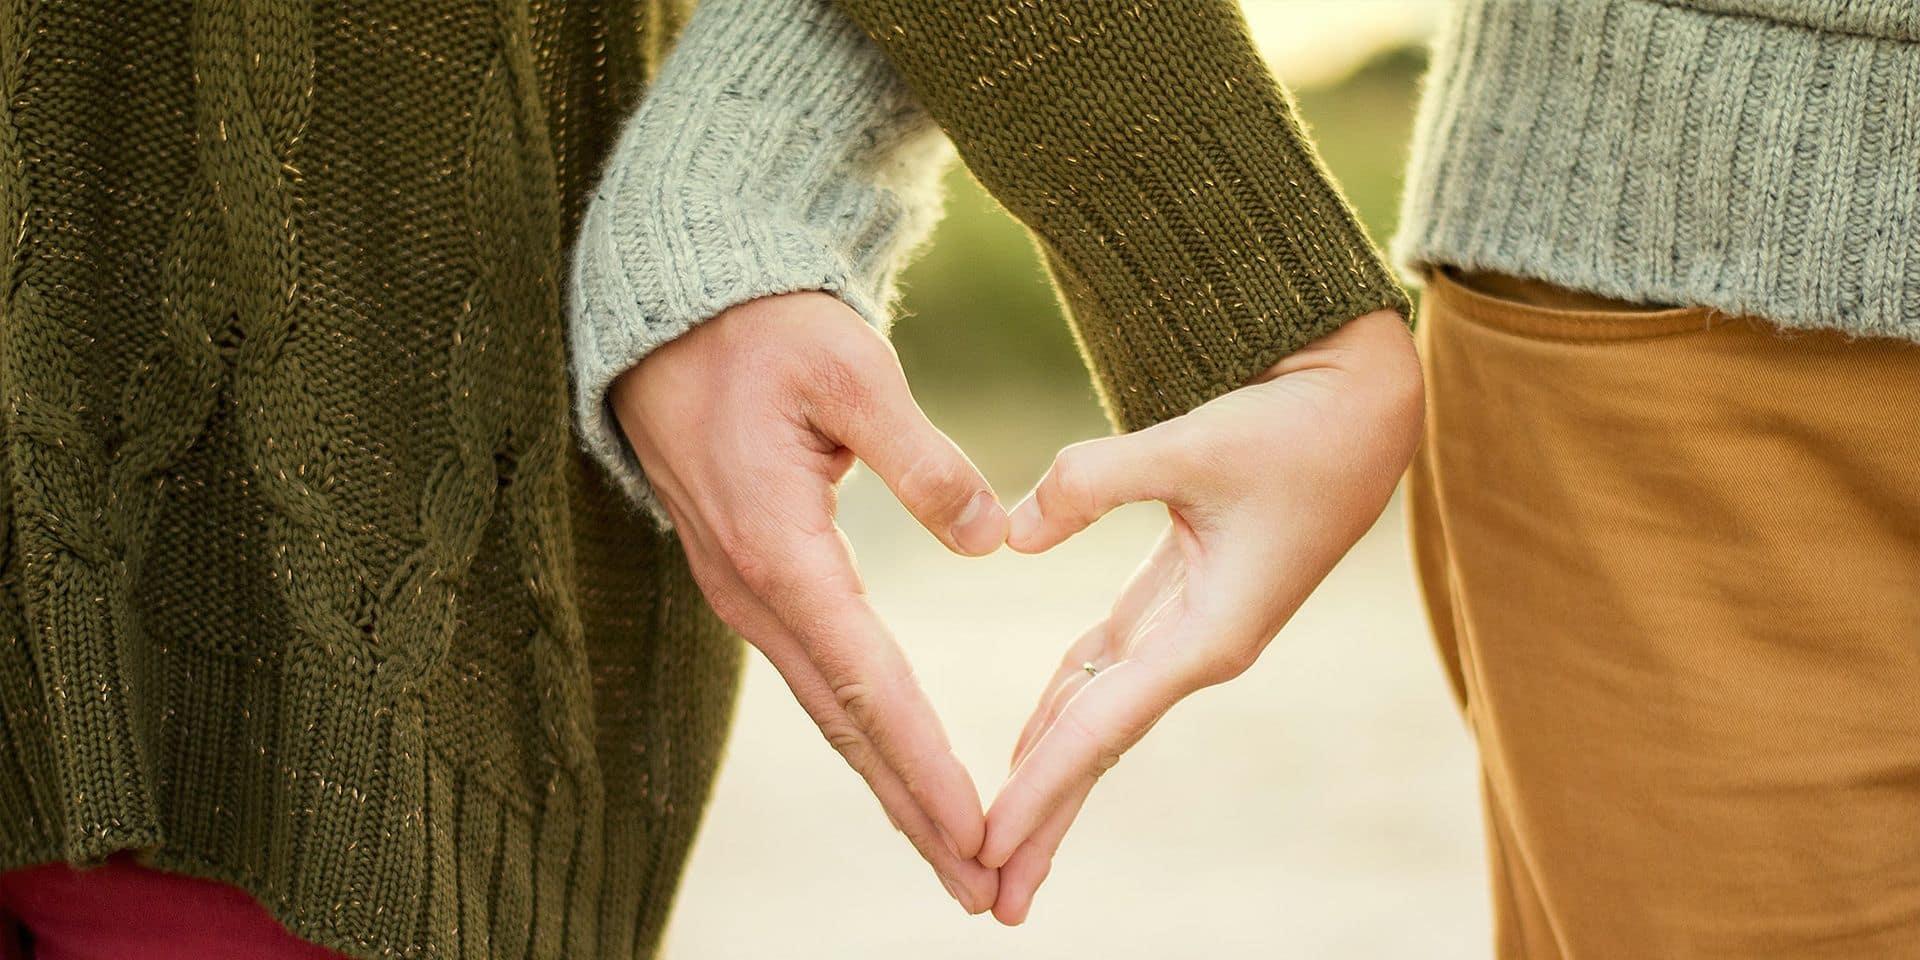 """La longueur de la crise sanitaire peut enrayer le bien-être des couples: """"l'intimité et la sexualité deviennent secondaires"""""""